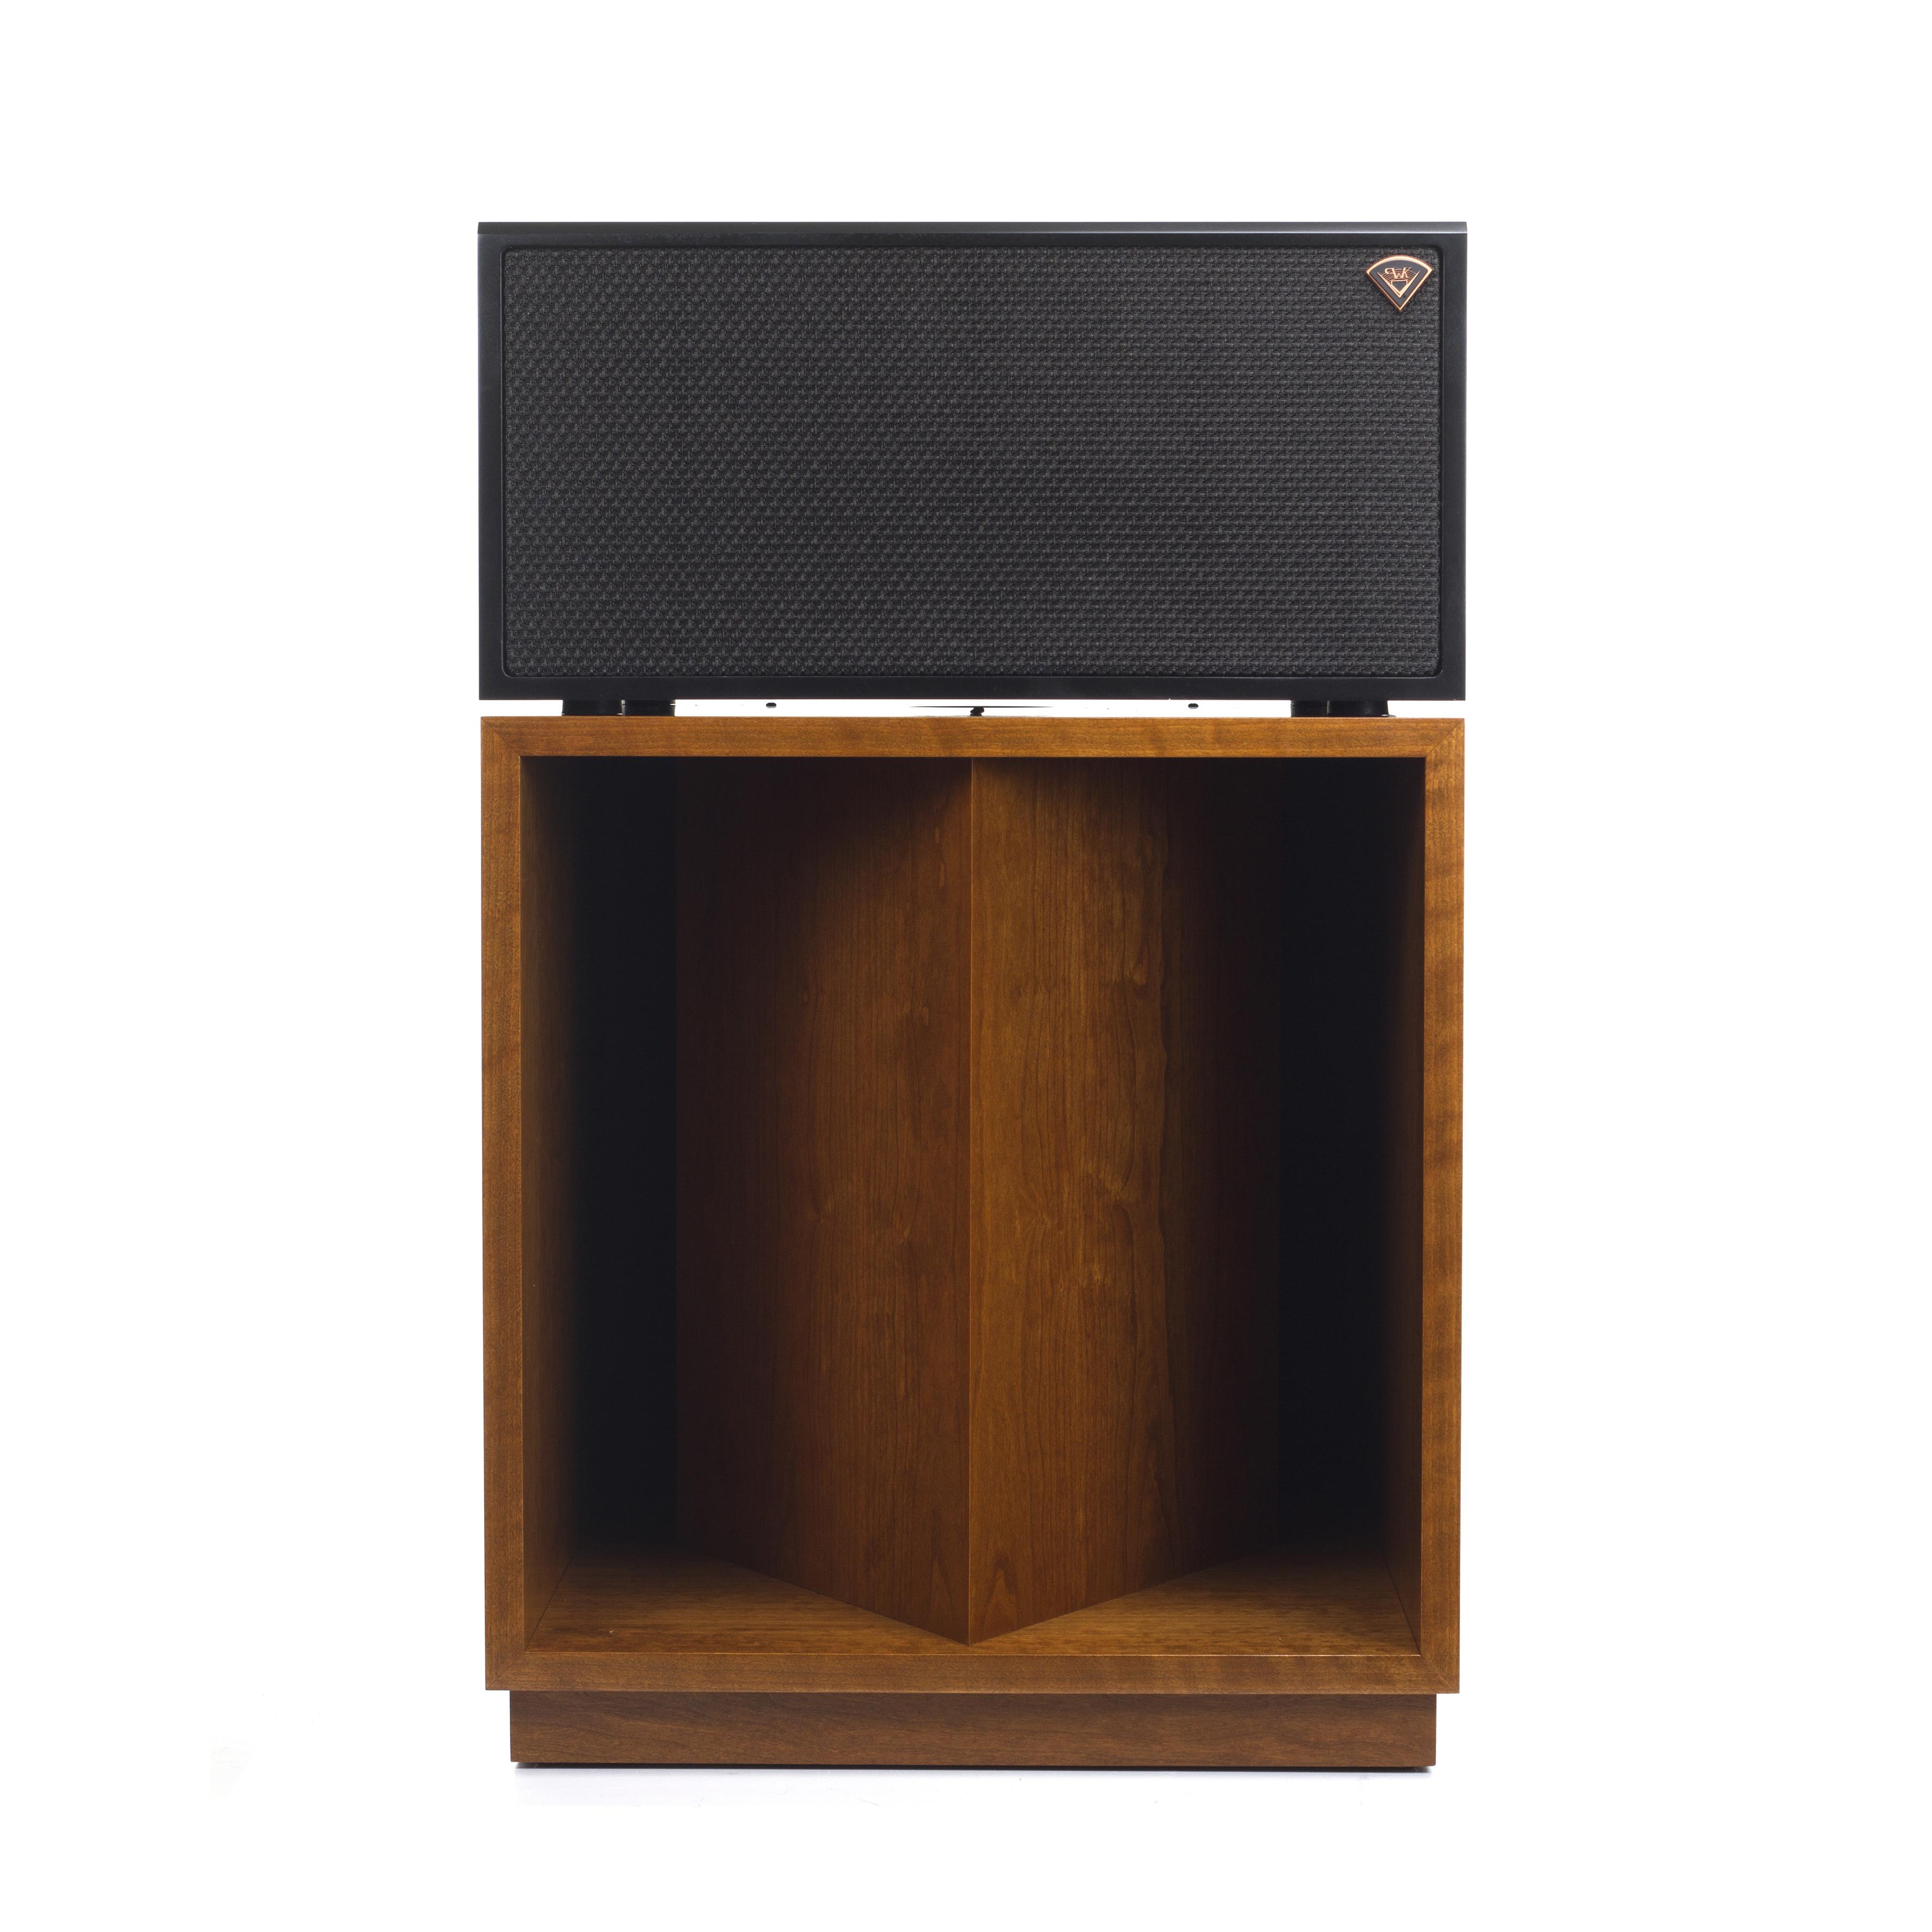 la scala ii floorstanding speakers klipsch. Black Bedroom Furniture Sets. Home Design Ideas